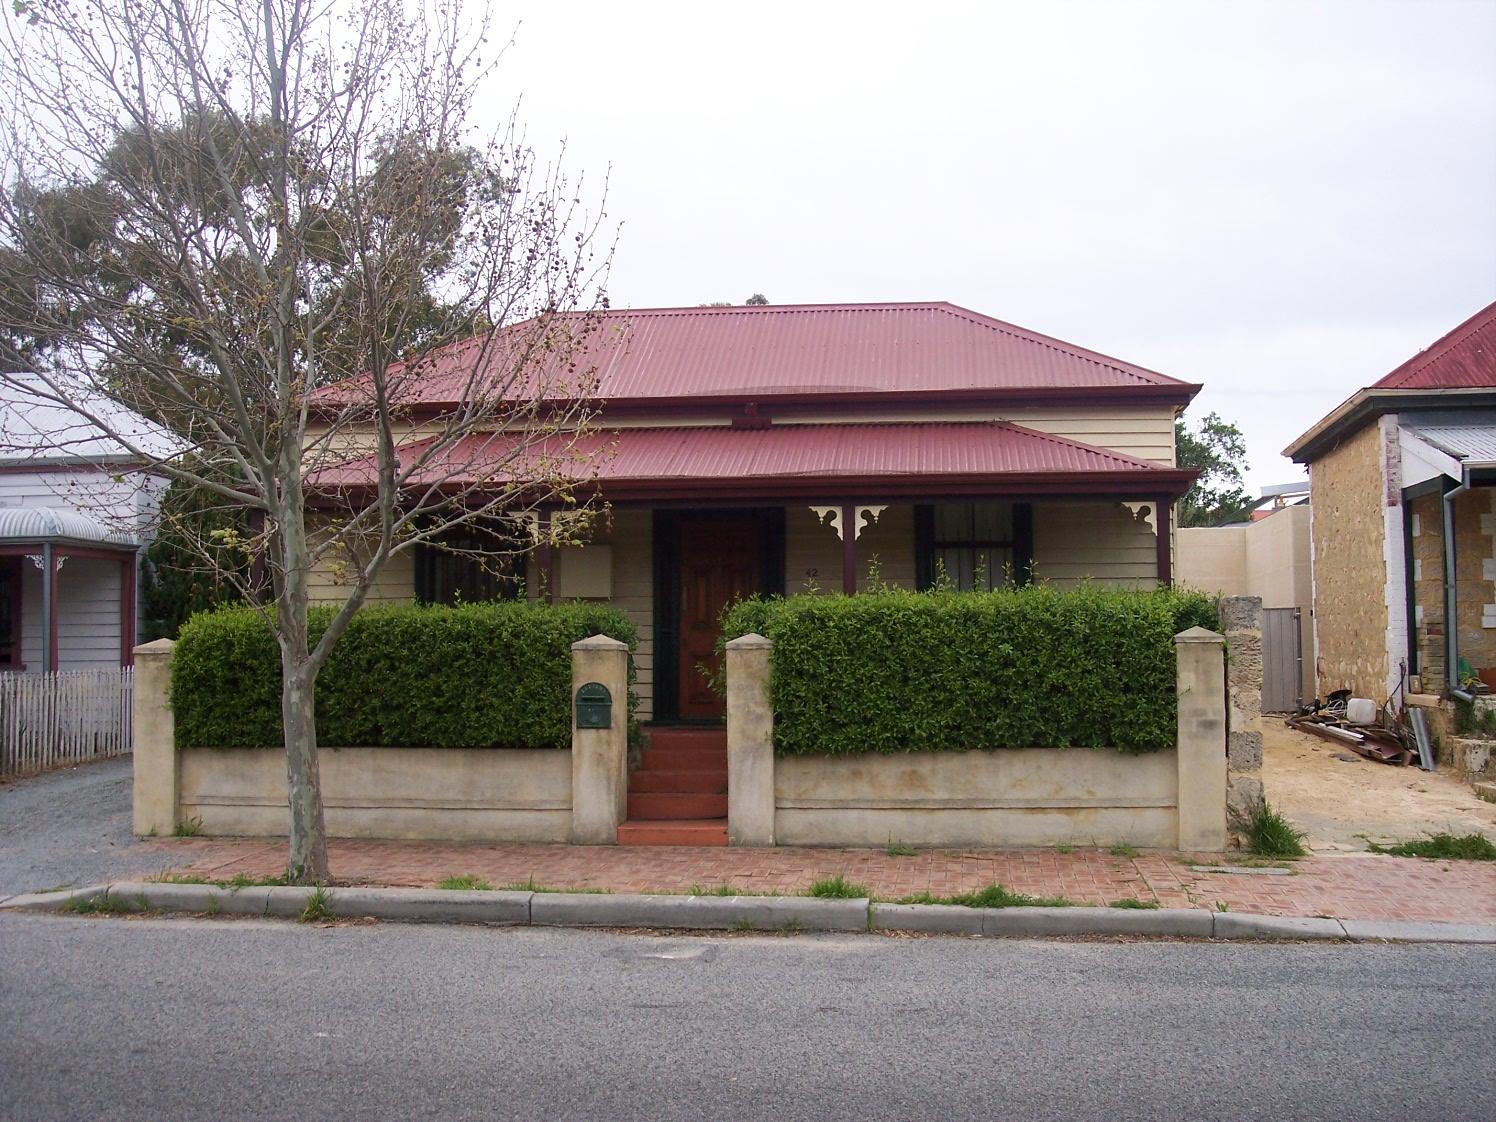 42 King Street